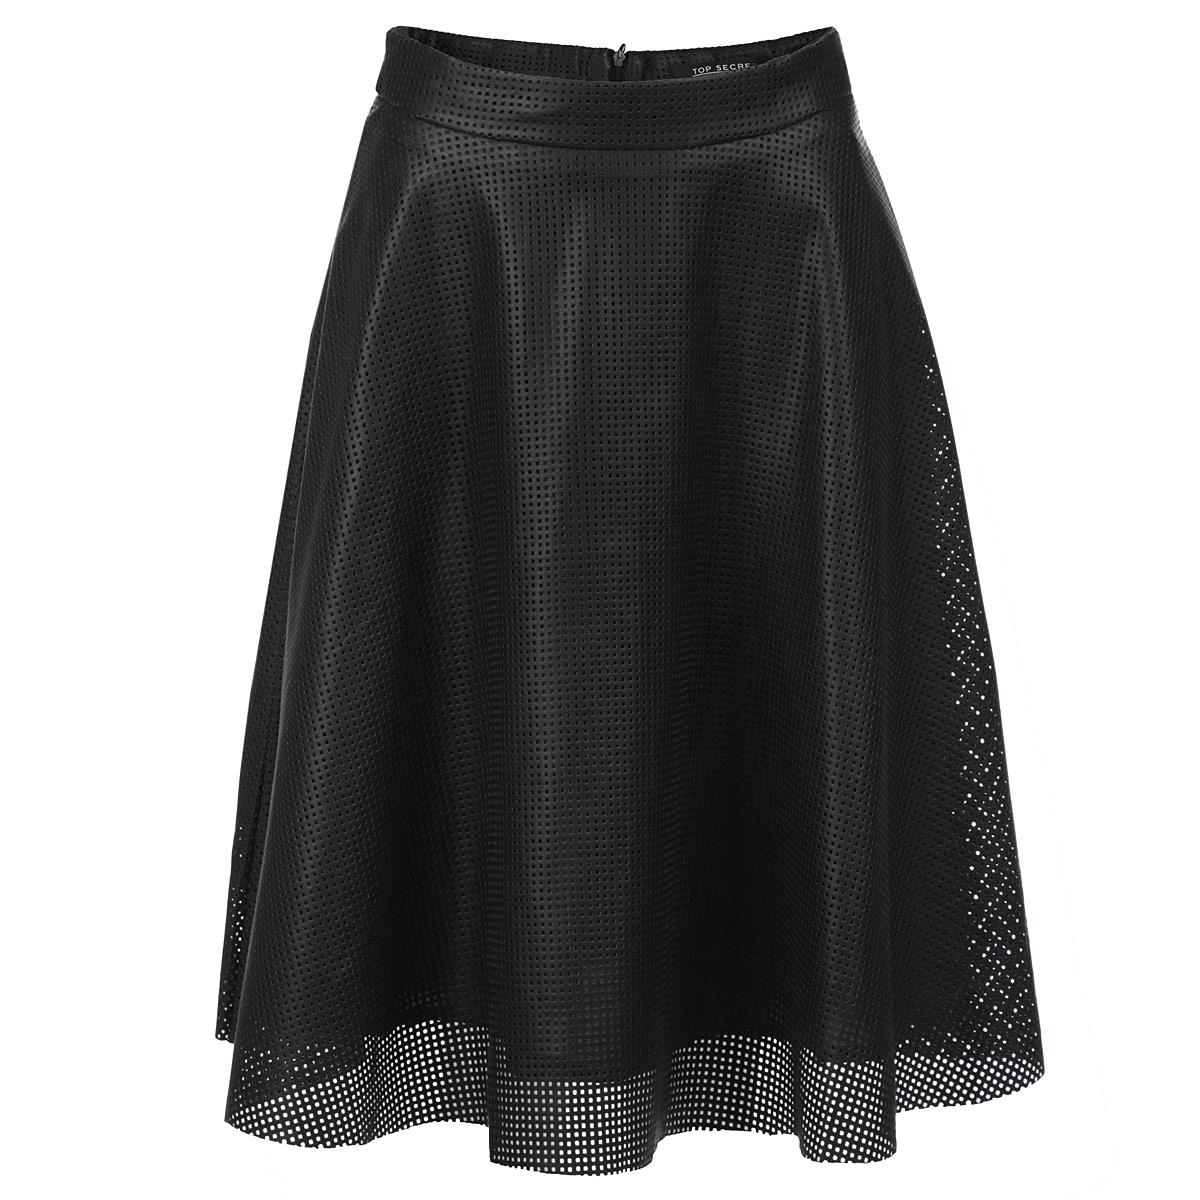 ЮбкаSSD0777CAСтильная юбка Troll изготовлена из полиуретана и оформлена декоративной перфорацией. Юбка на подкладке из полиэстера. Модель расклешенного кроя с широким поясом на талии. Сзади застегивается на потайную молнию. Эта модная юбка - отличный вариант на каждый день. Она займет достойное место в вашем гардеробе.